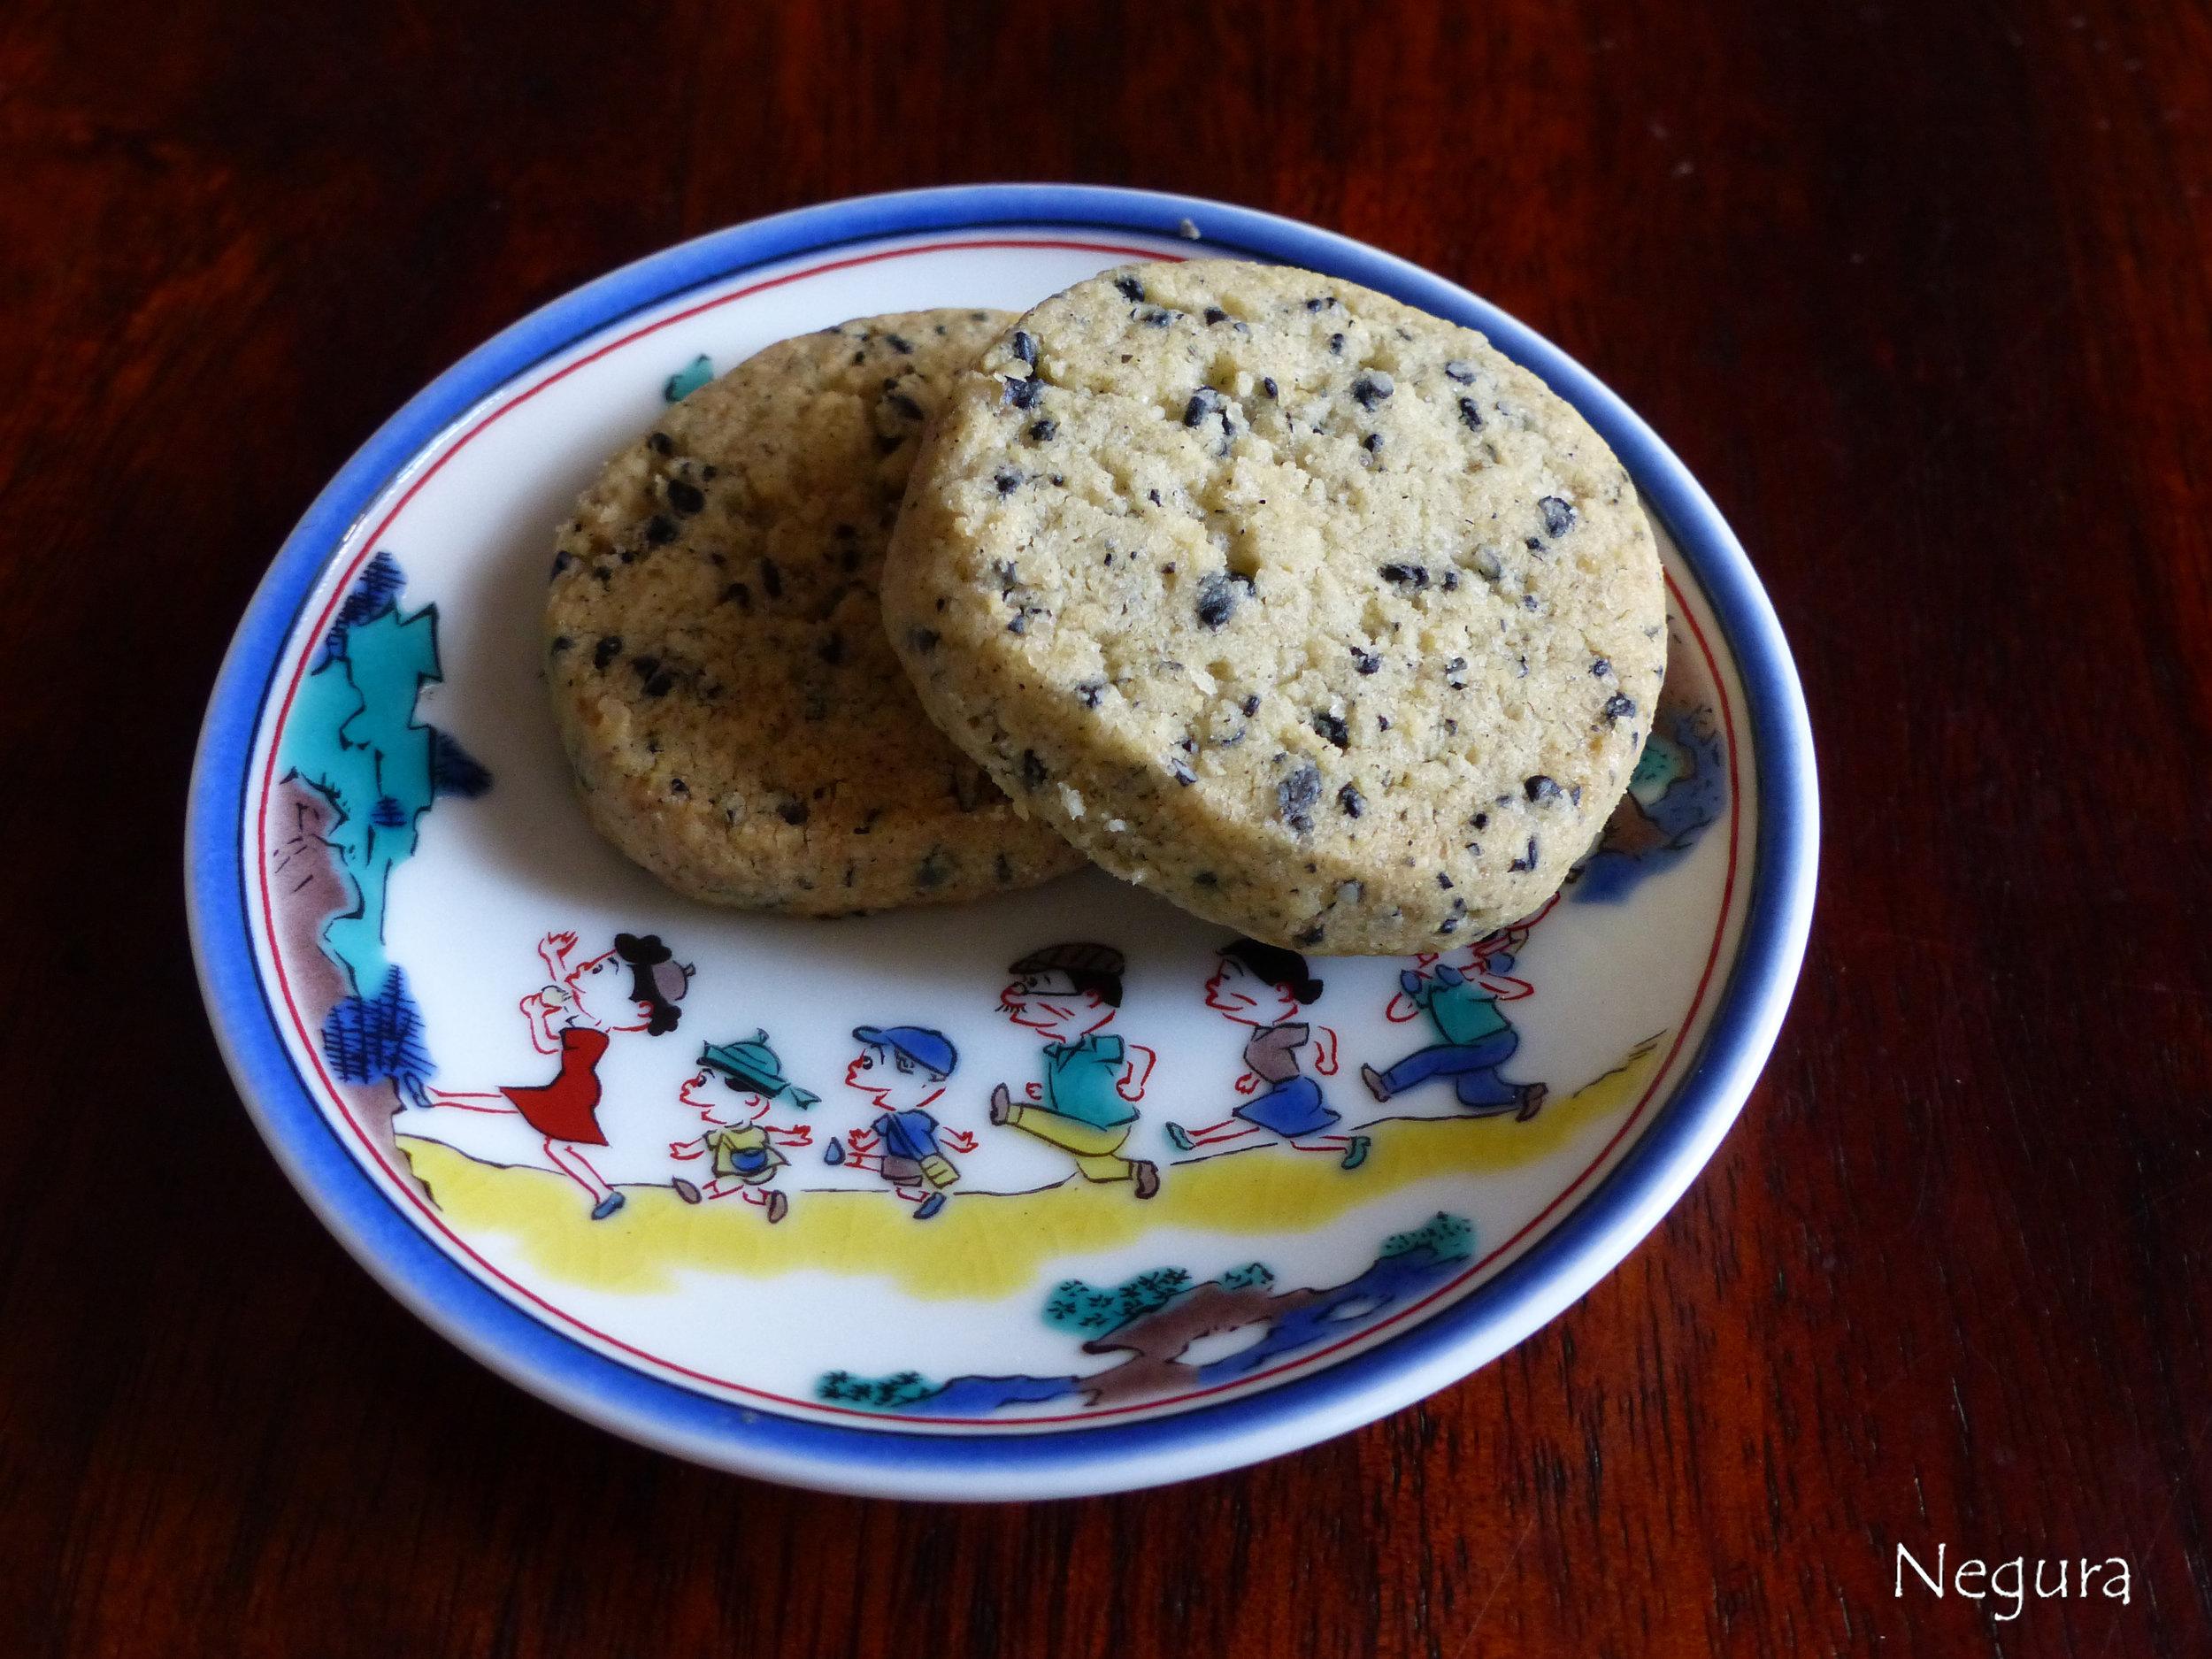 kurogoma cookies (1).jpg